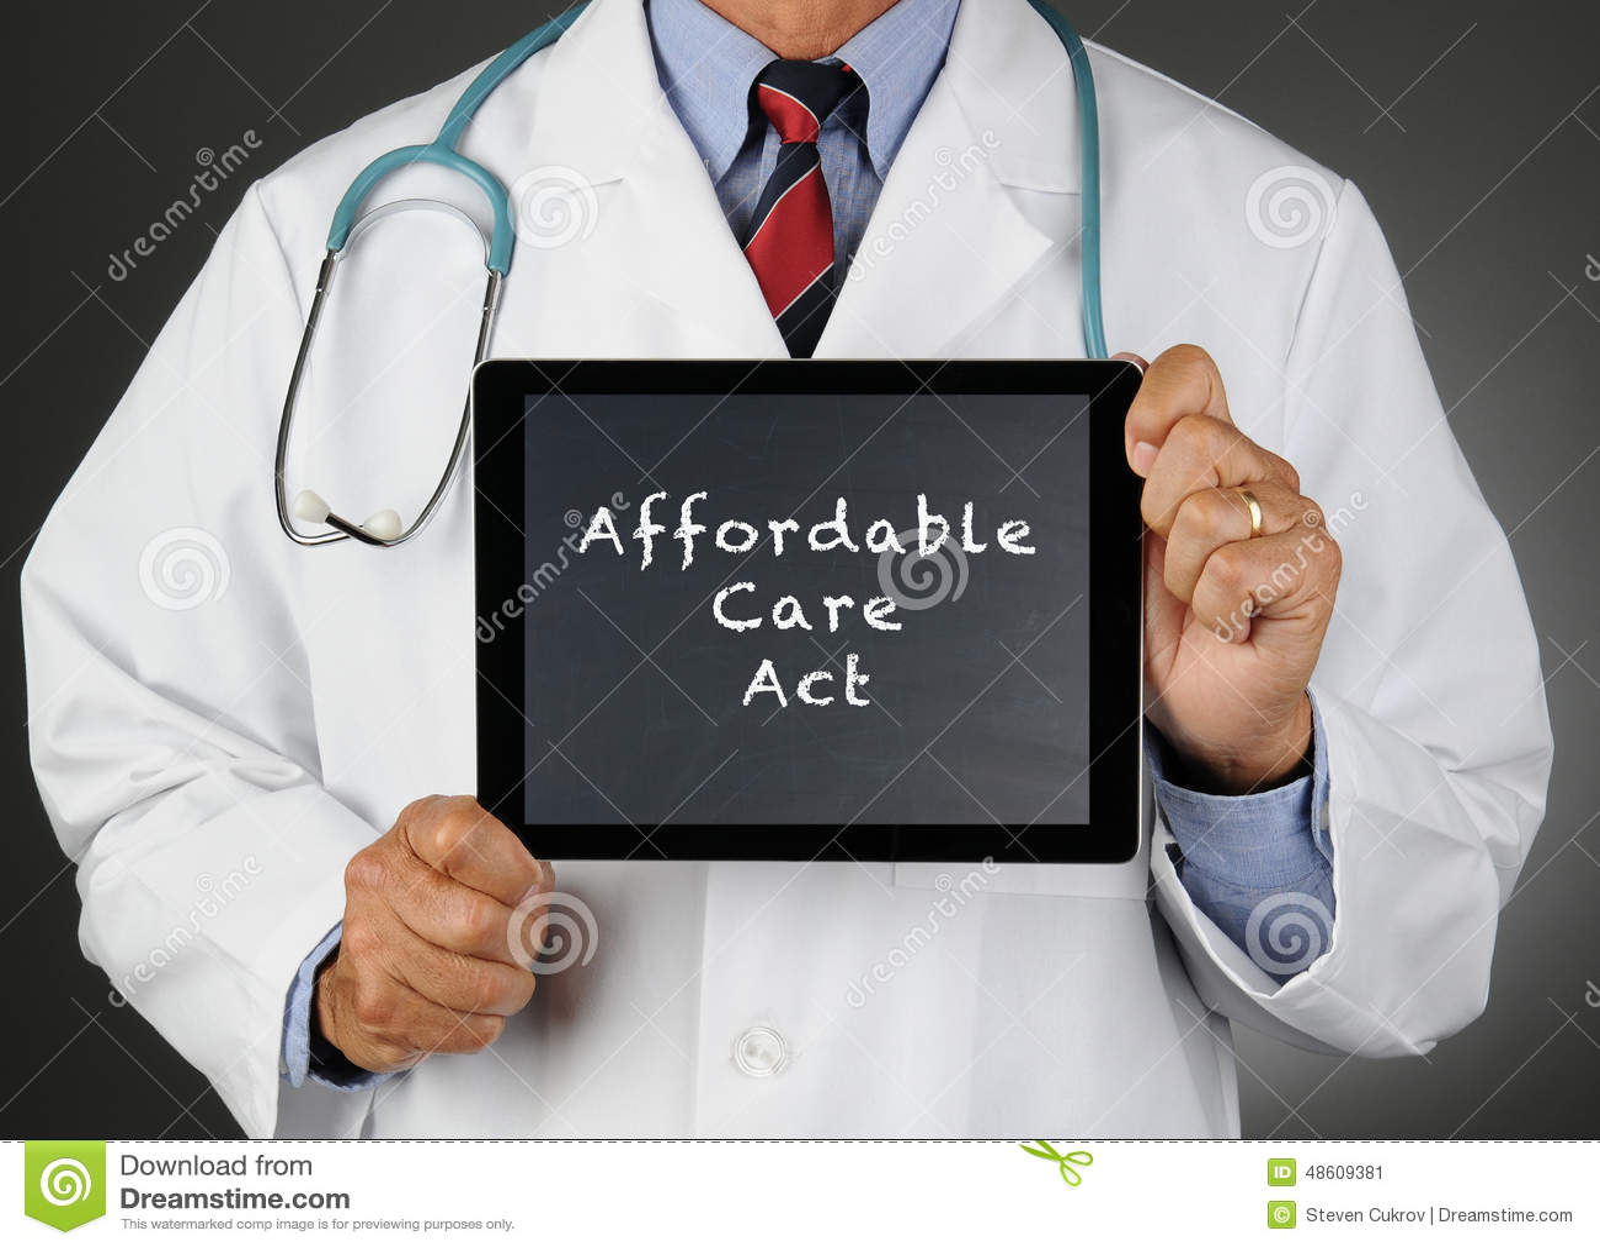 Ato do cuidado do doutor Tablet Computer Affordable